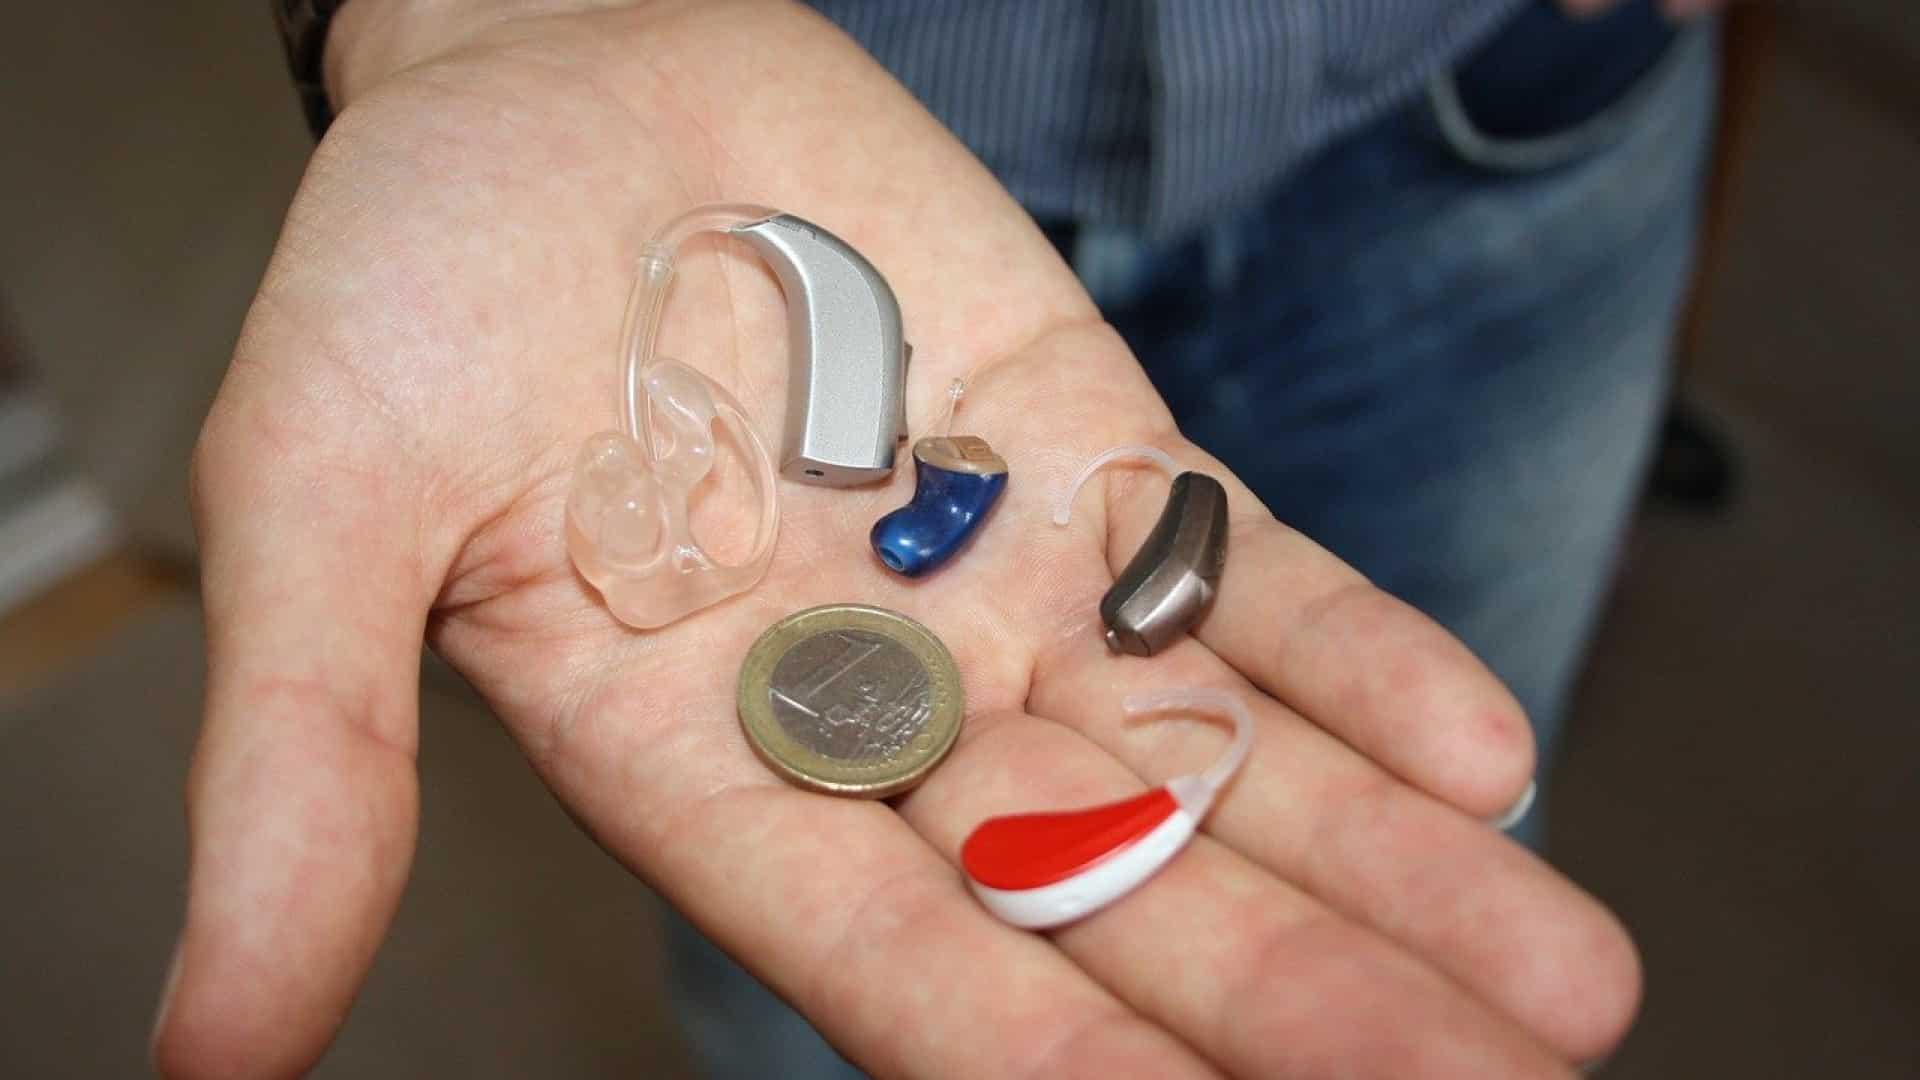 Appareil auditif invisible : particularités et avantages